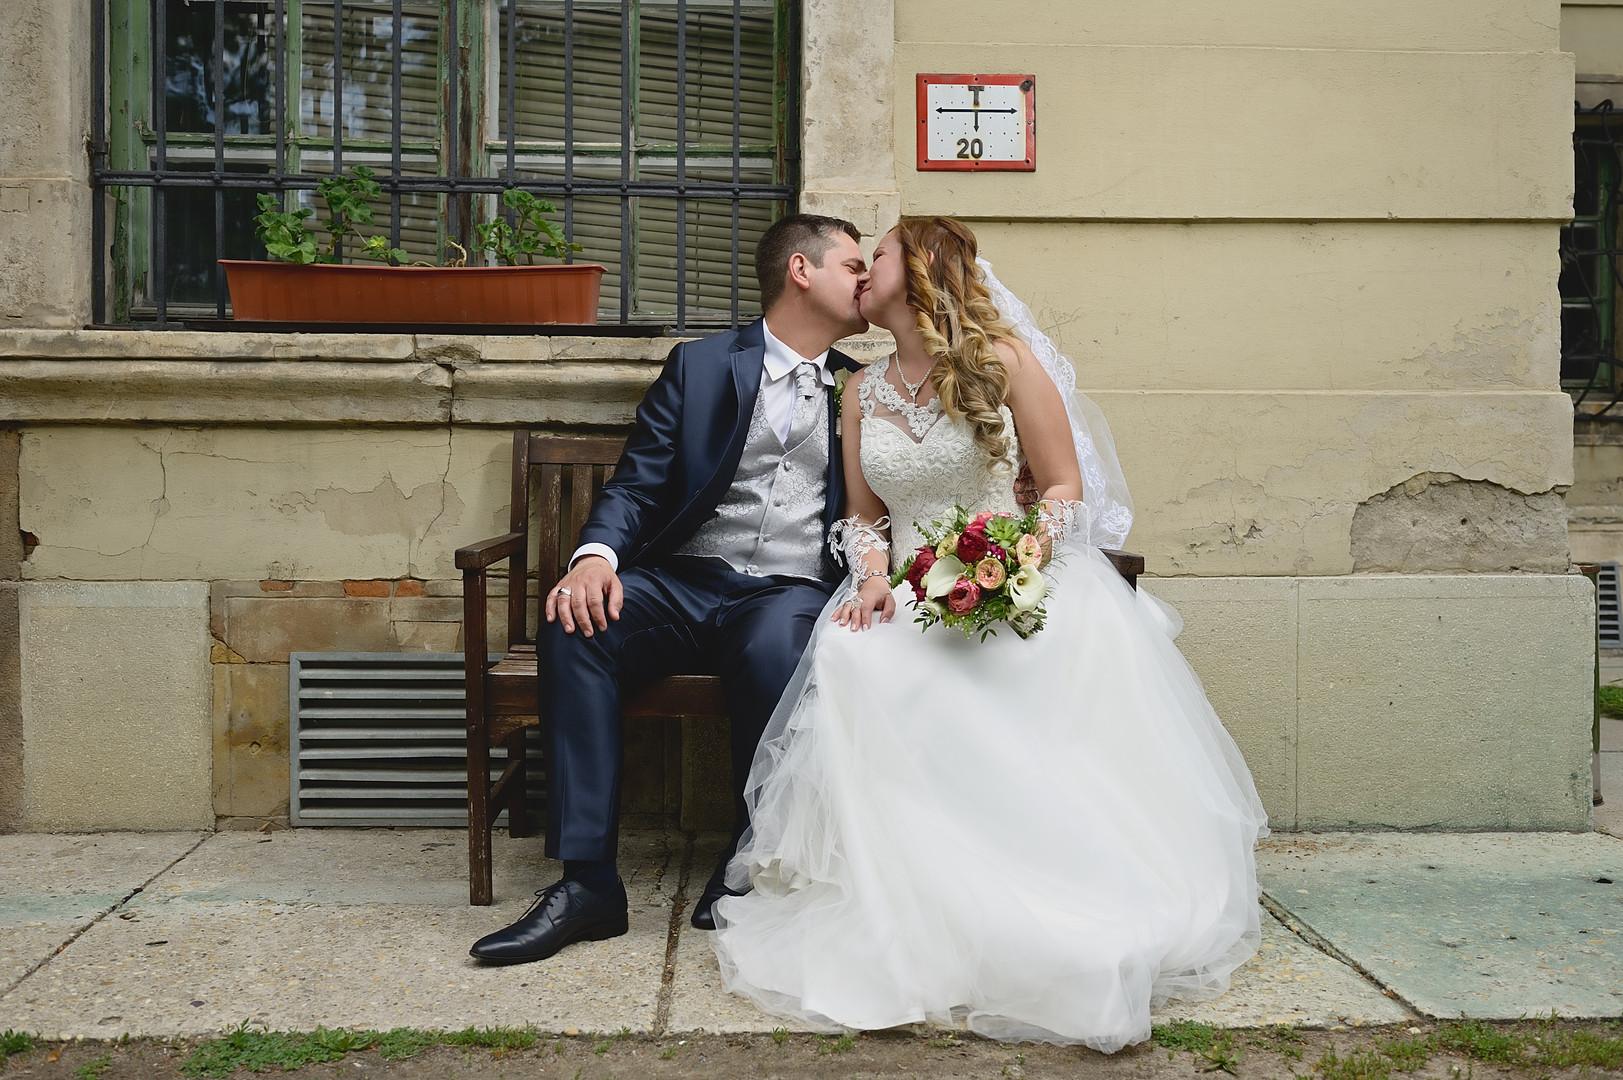 409  Esküvői fotózás - Enikő és Peti KRE